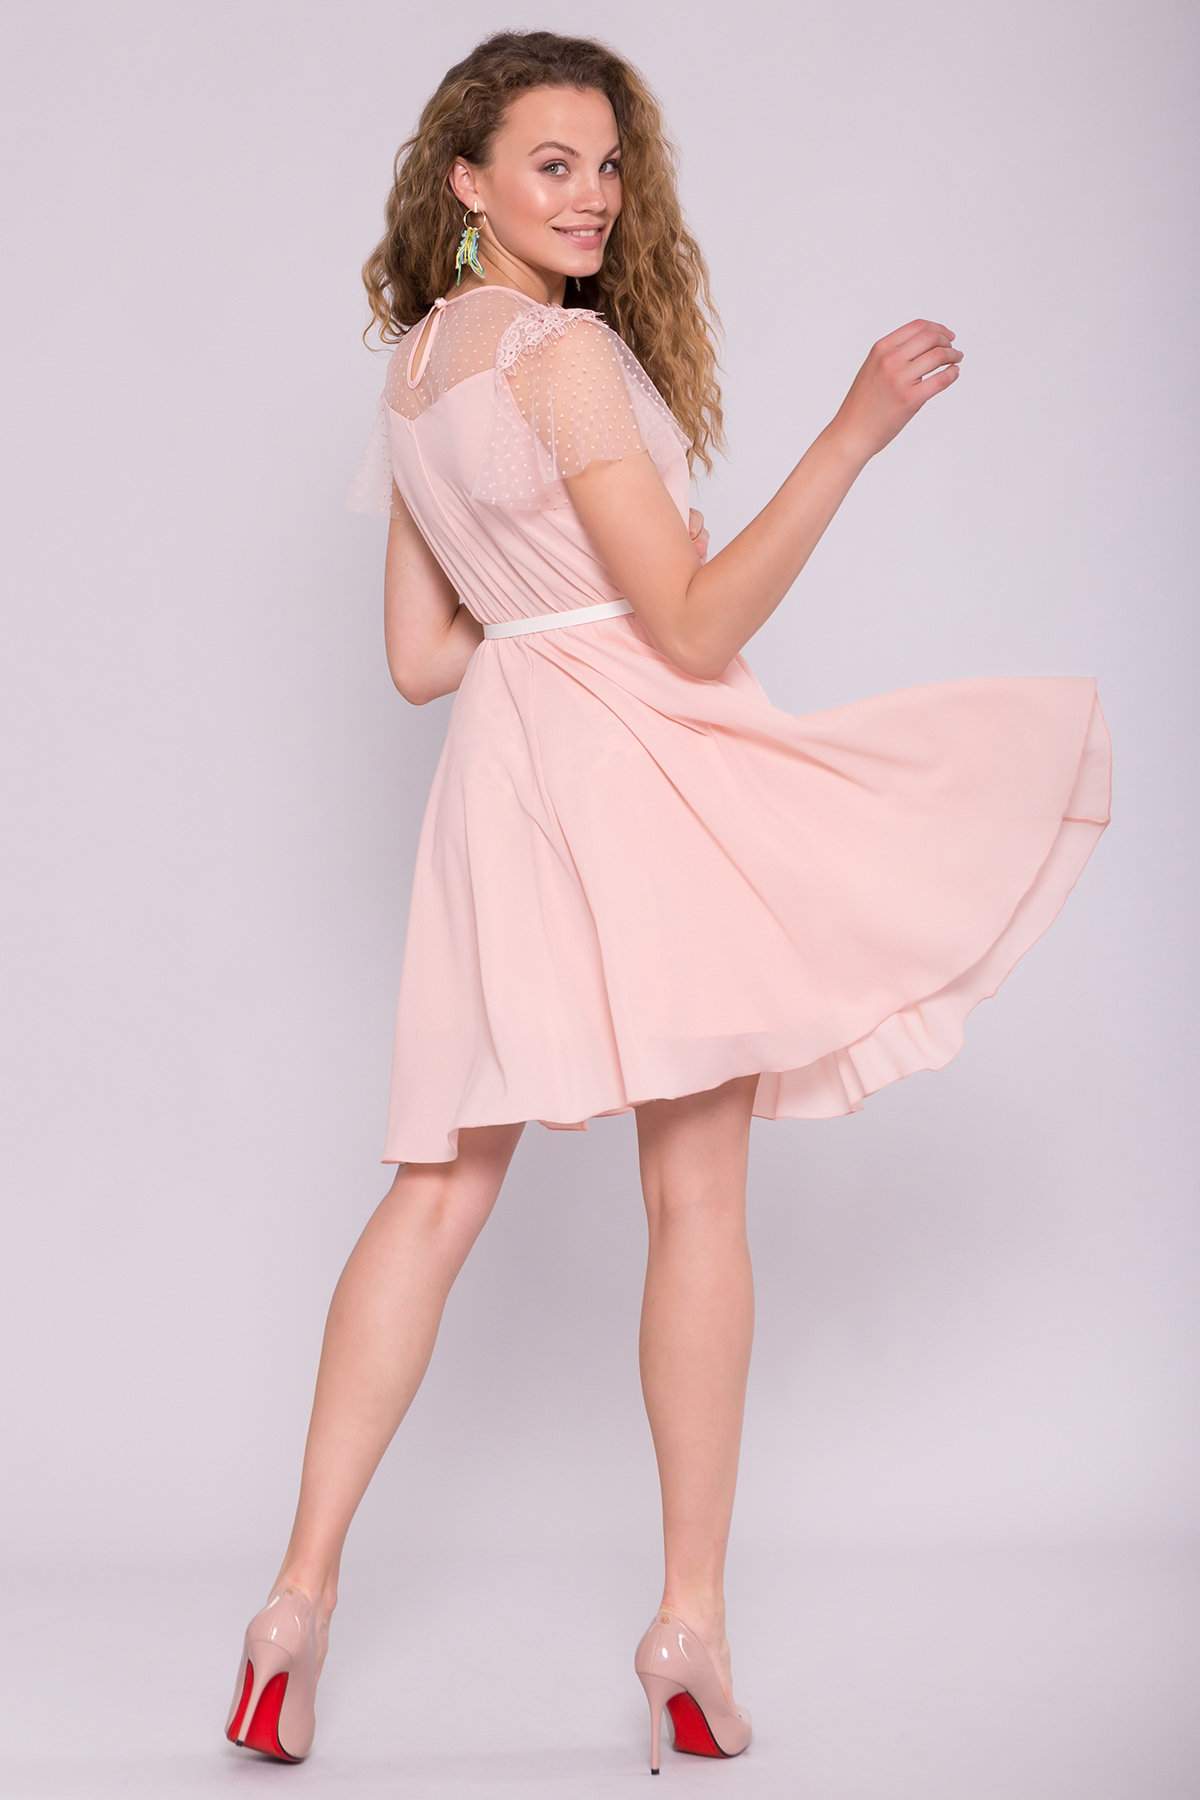 Платье Ламара 7143 АРТ. 42782 Цвет: Пудра светлая 17 - фото 2, интернет магазин tm-modus.ru